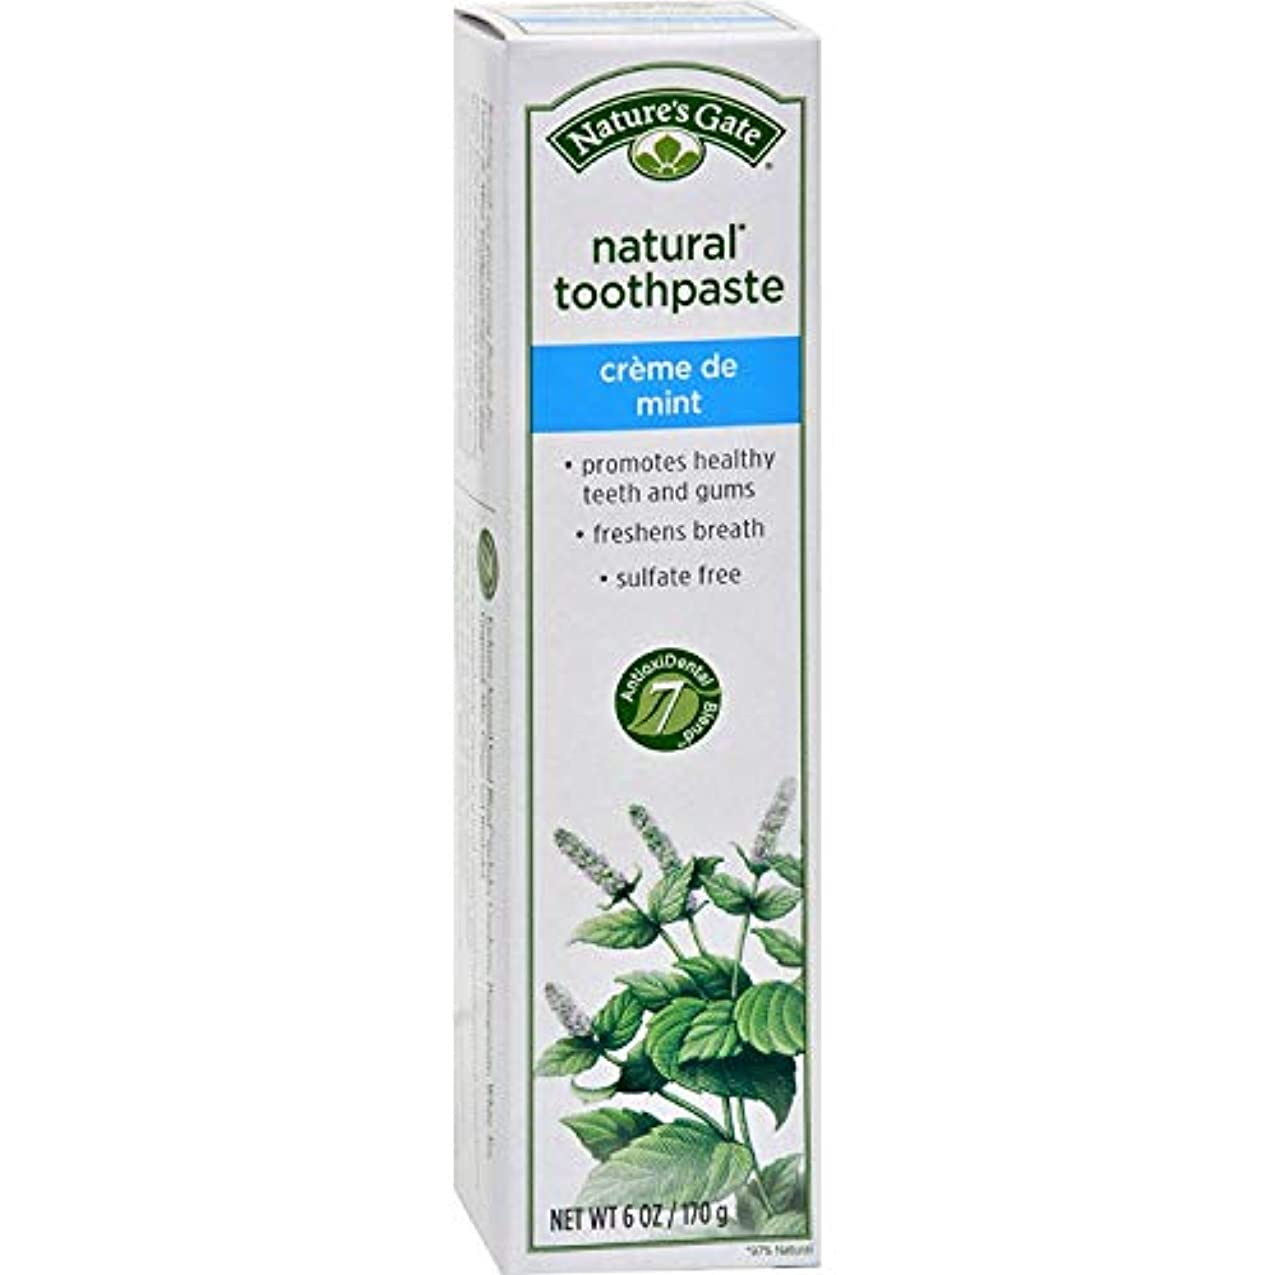 ブローホール少数原子炉Nature's Gate, Natural Toothpaste, Creme de Mint, 6 oz (170 g)